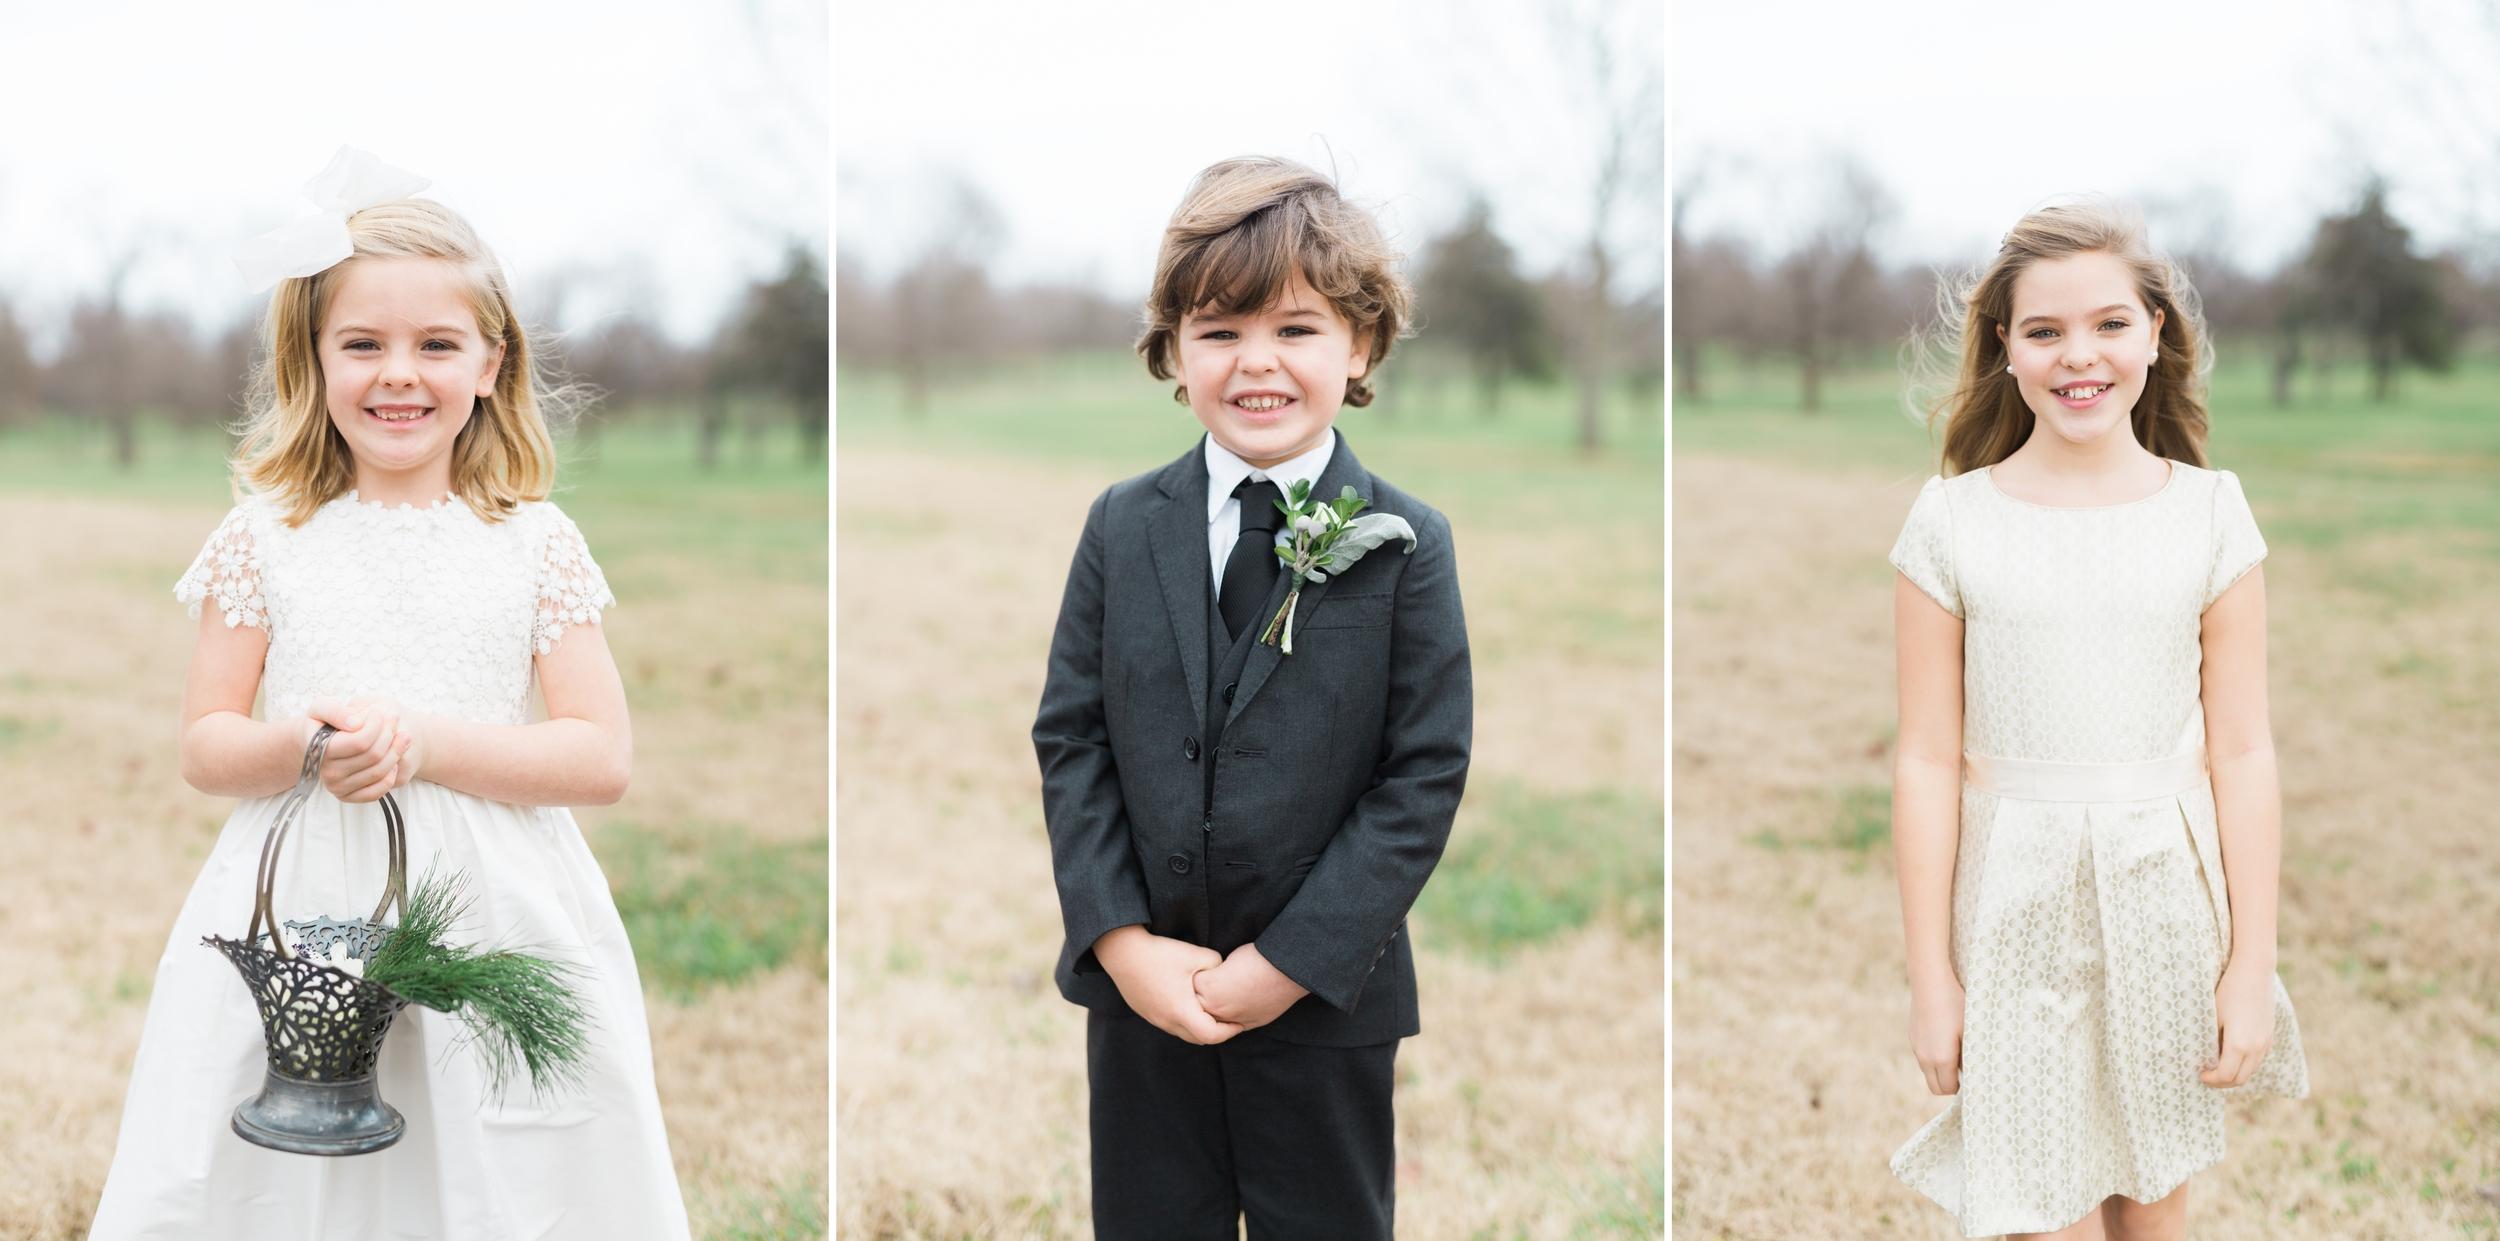 Carter and Molly Blanton - Wedding 11.jpg